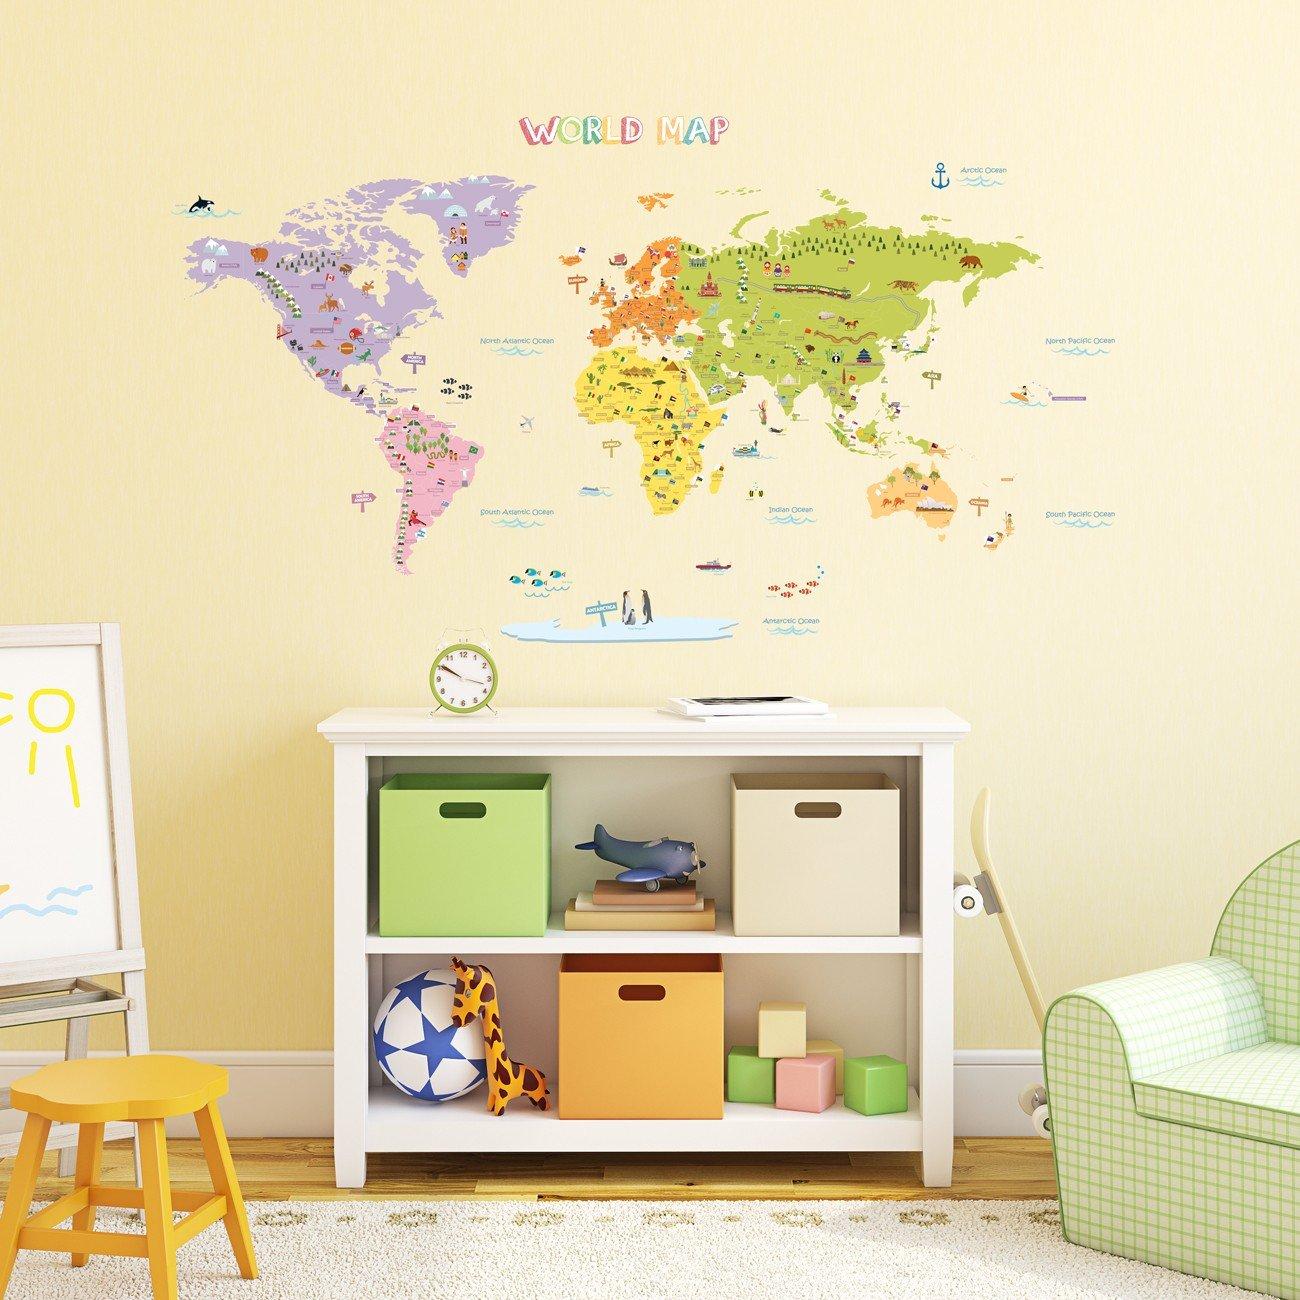 Decowall DMT-1306N Carte du monde Colorée Autocollants Muraux Mural Stickers Chambre Enfants Bébé Garderie Salon (Grande) (Ver anglais)